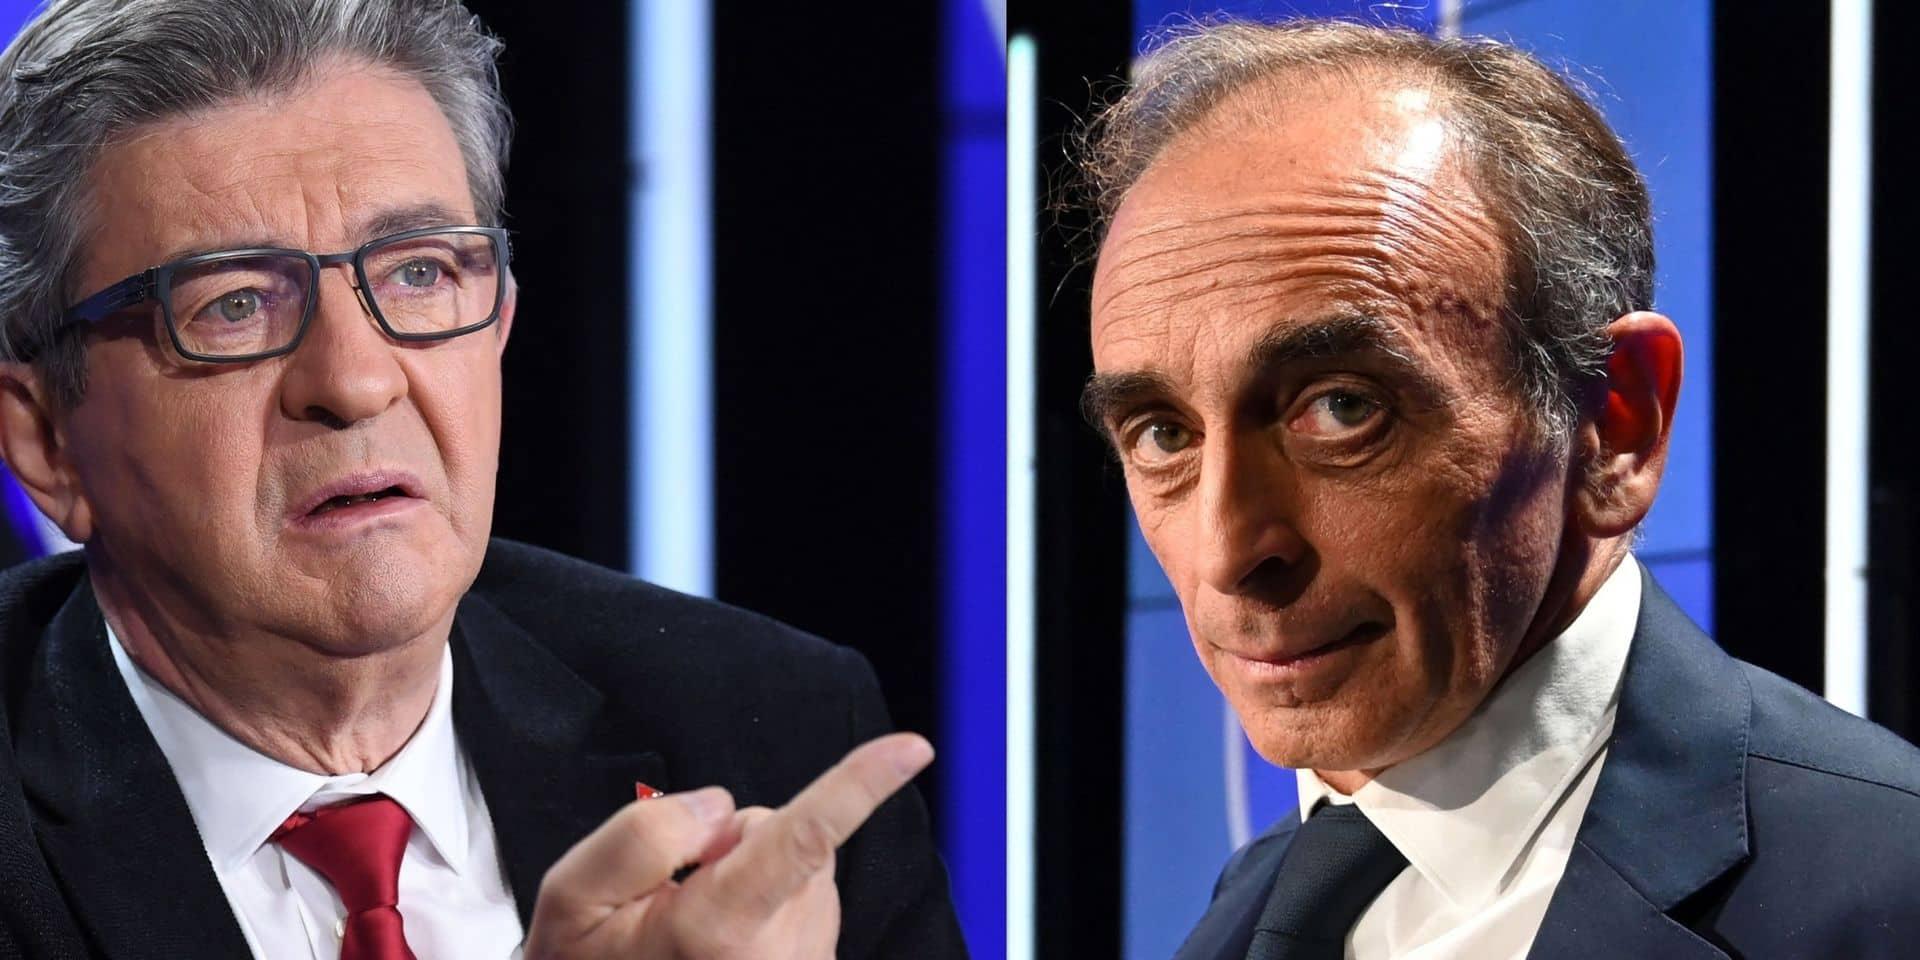 """""""Vous êtes un danger pour notre pays"""", """"Dans votre camp, on guillotine"""": débat tendu entre Mélenchon et Zemmour"""